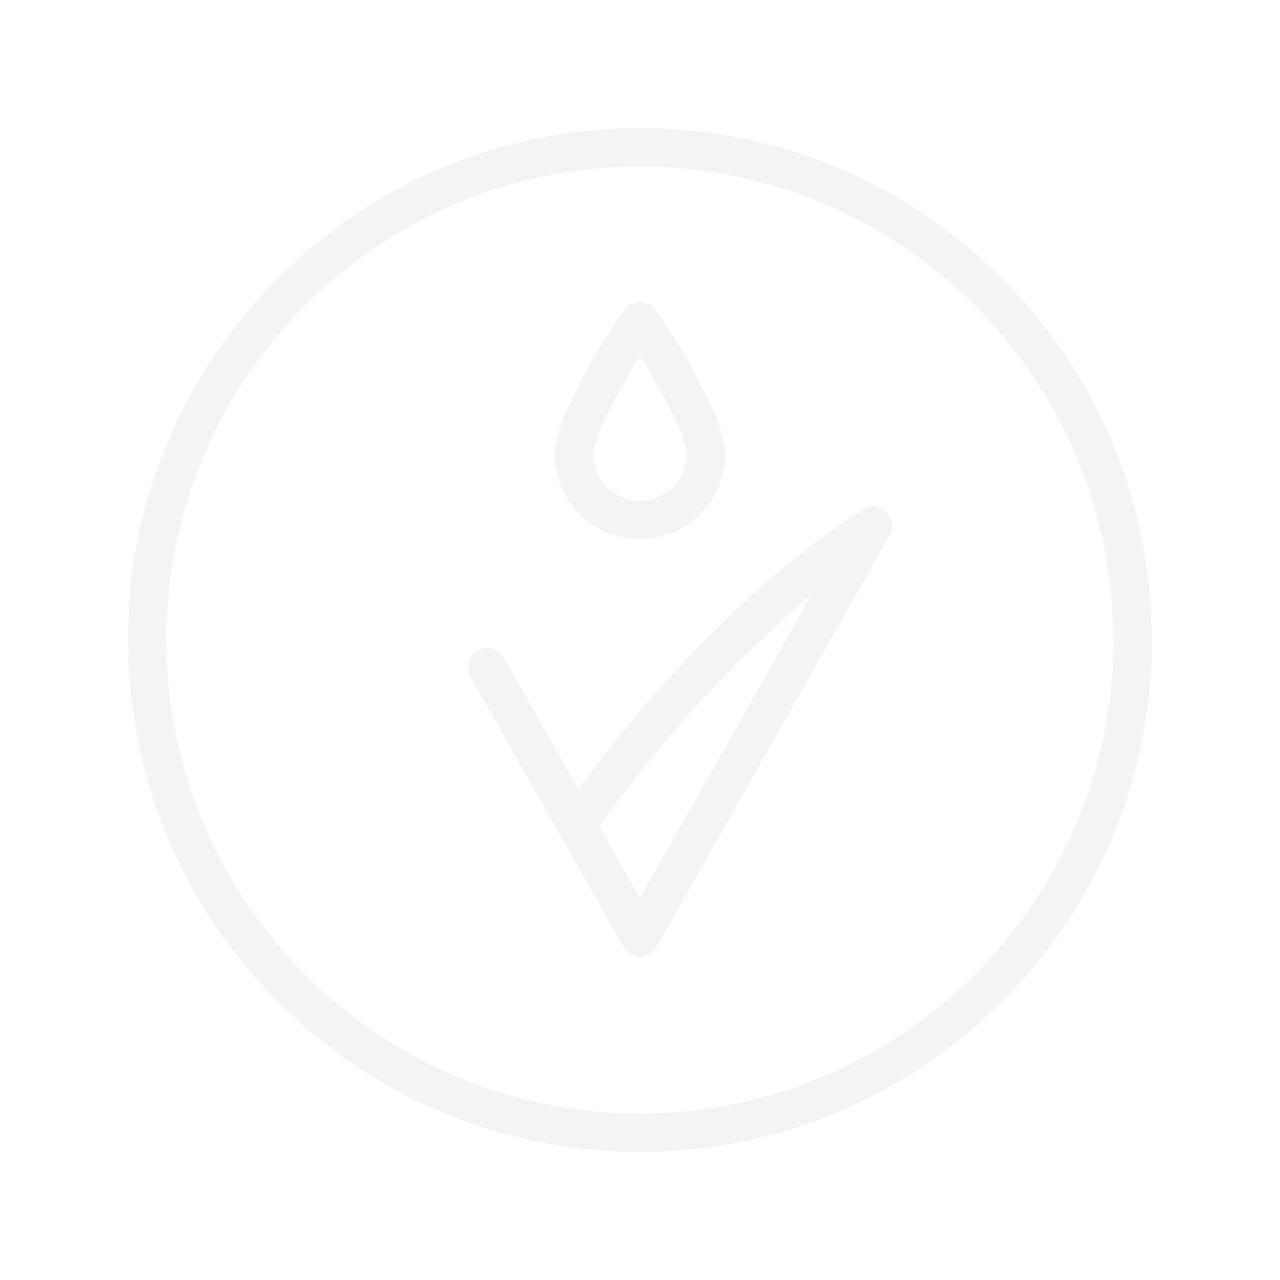 MINIGOLD Lovemark Florence Earrings